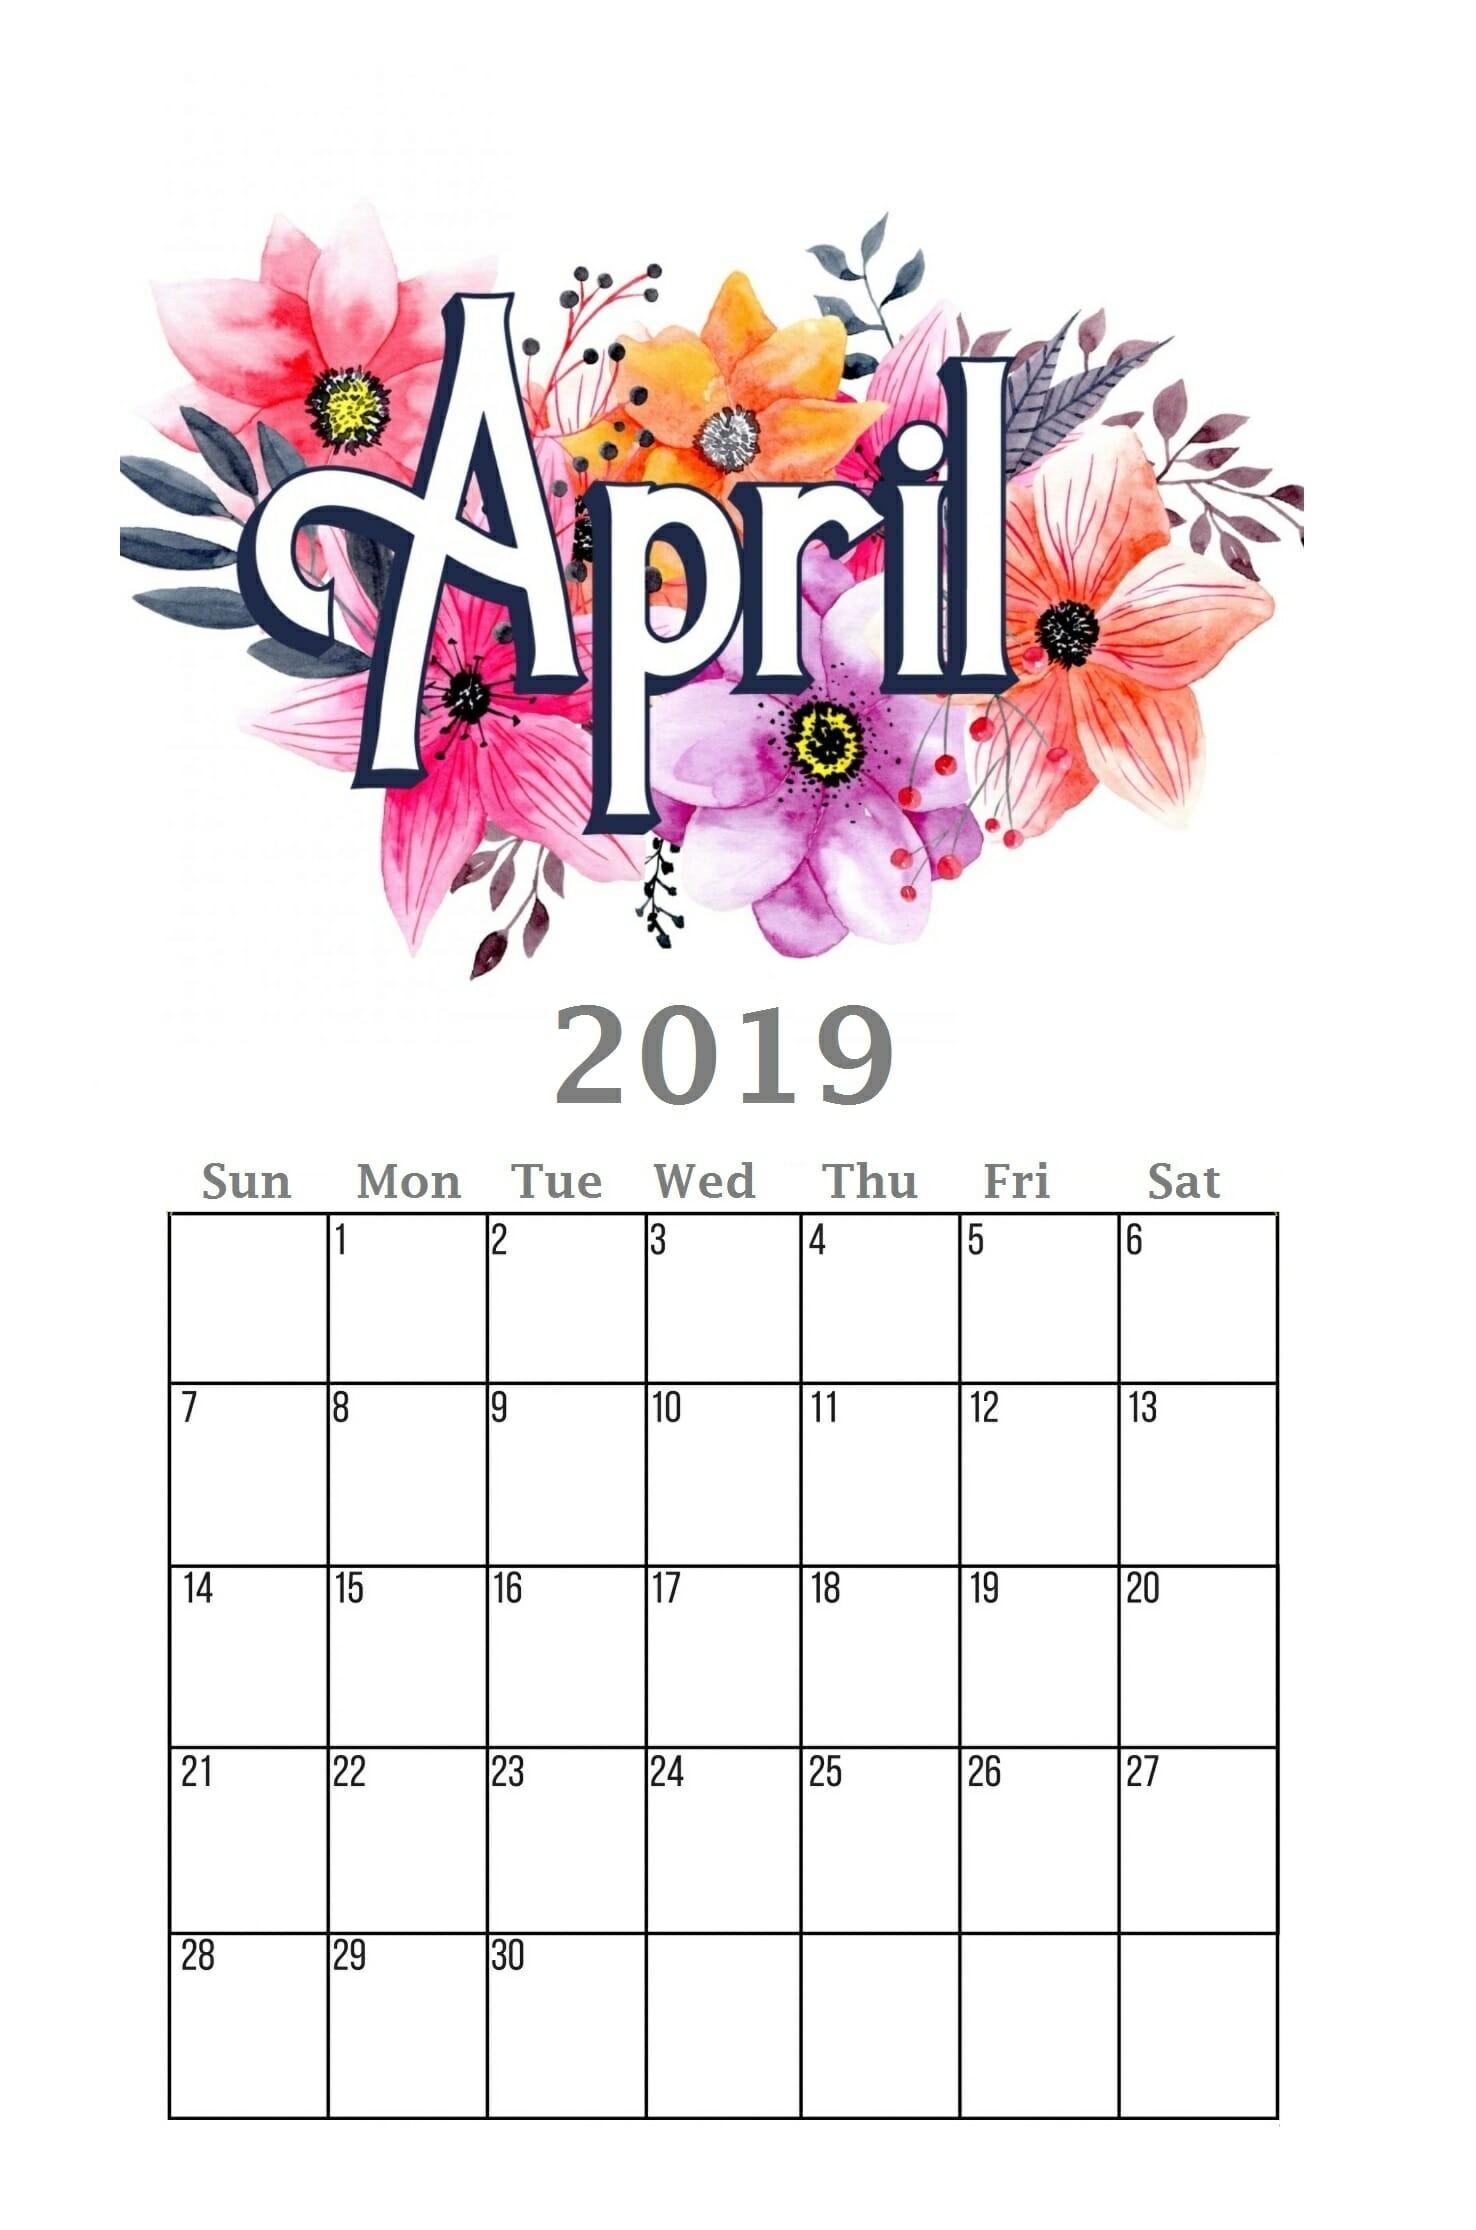 calendario octubre 2017 para imprimir chile actual calendario festivos colombia 2019 takvim kalender hd of calendario octubre 2017 para imprimir chile